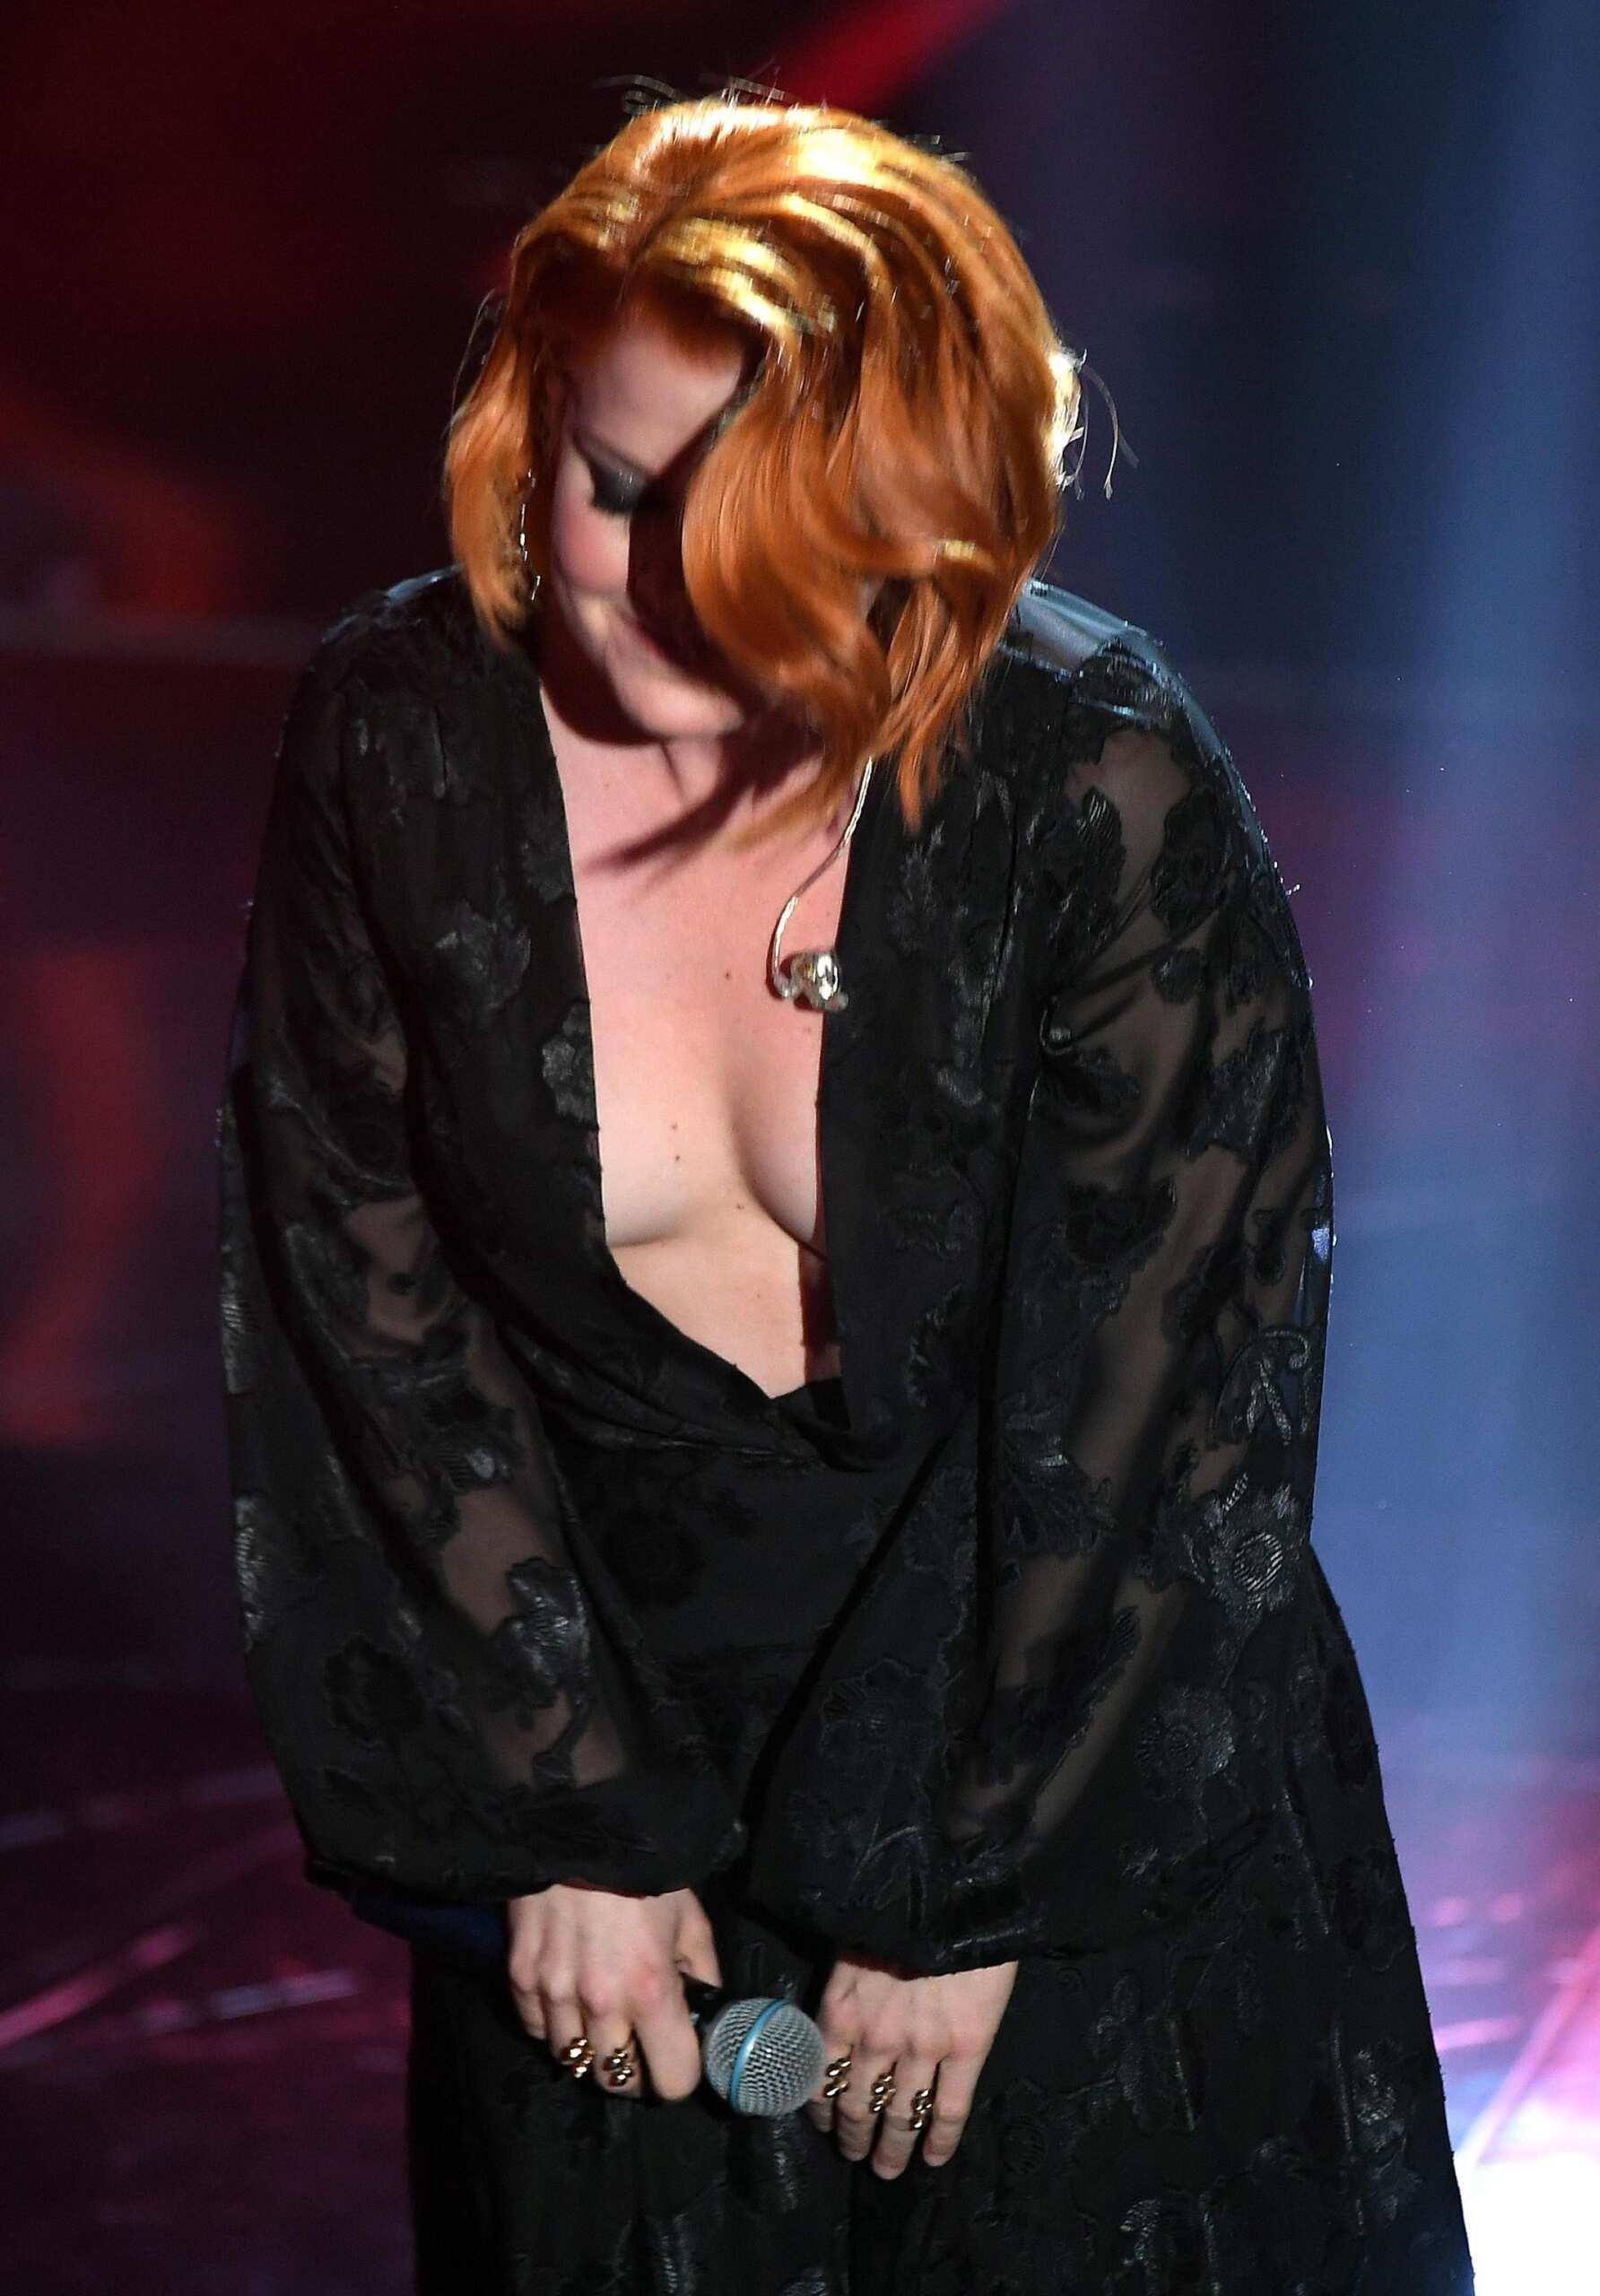 Noemi a Sanremo 2018 - Fonte foto: giornaledisicilia.it